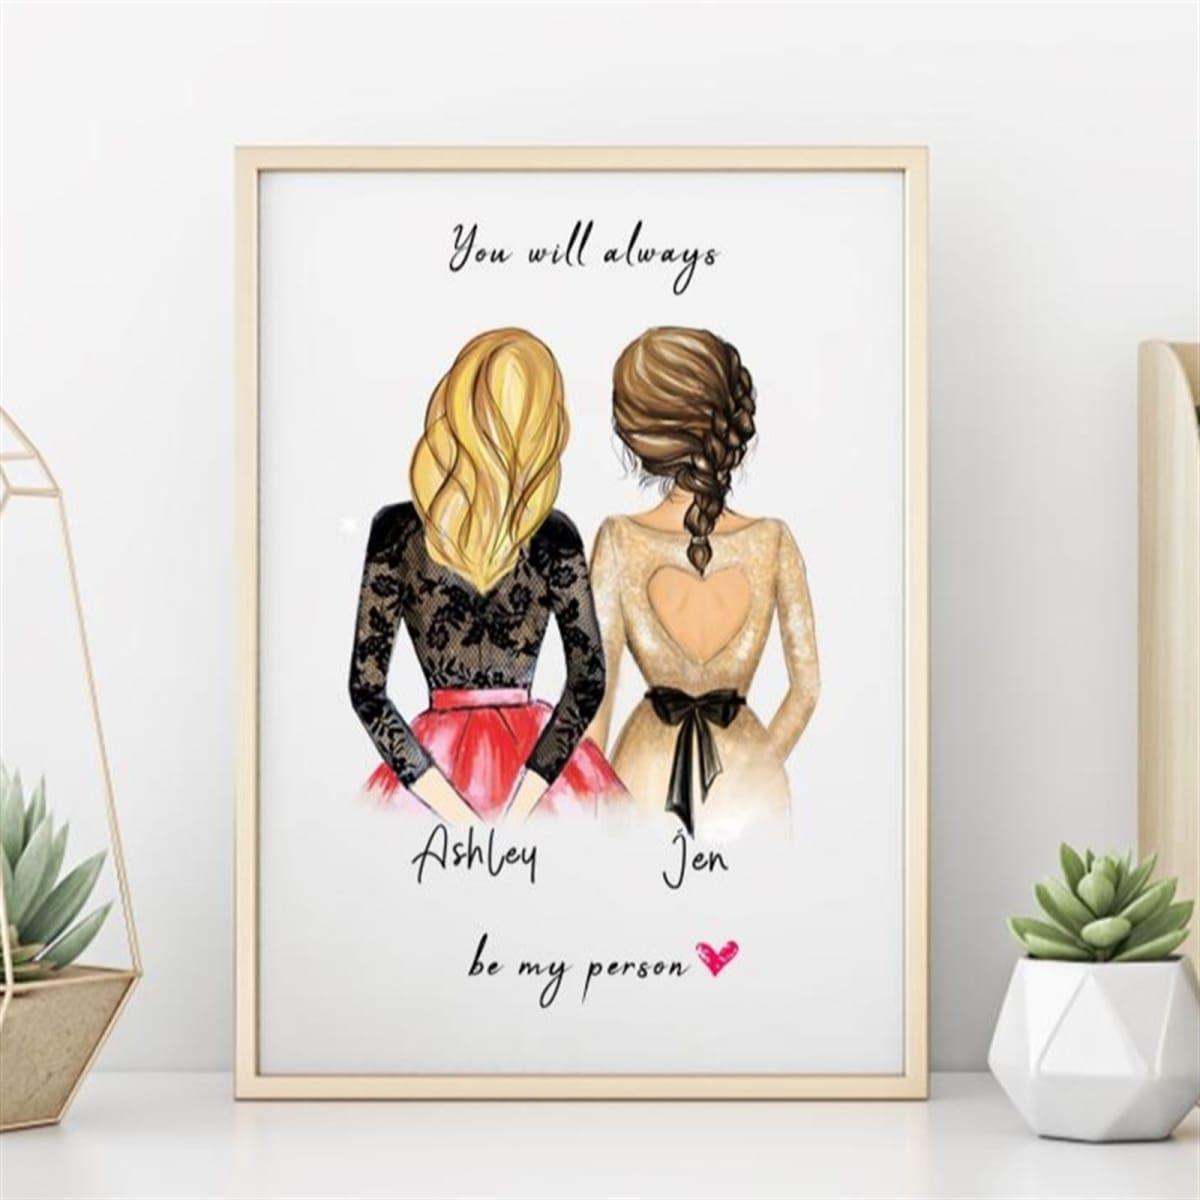 Personalized Best Friend Wall Art Best Friend Drawings Drawings Of Friends Personalized Wall Art